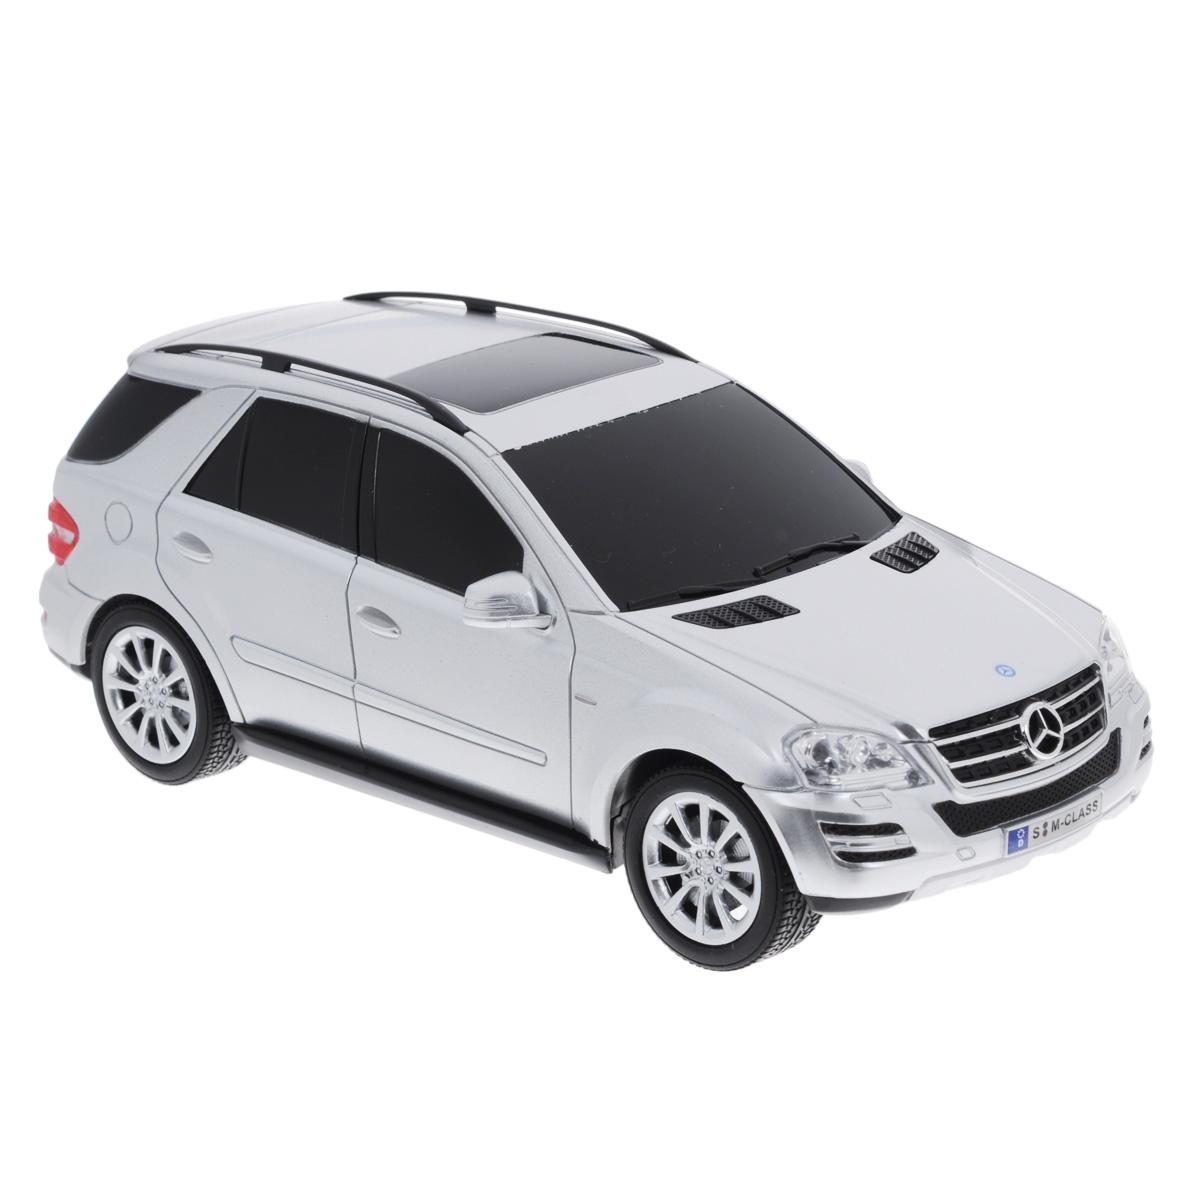 """Все мальчишки любят мощные крутые тачки! Особенно если это дорогие машины известной марки, которые, проезжая по улице, обращают на себя восторженные взгляды пешеходов. Радиоуправляемая модель TopGear """"Mercedes-Benz M350"""" - это детальная копия существующего автомобиля в масштабе 1:24. Машинка изготовлена из прочного легкого пластика; колеса прорезинены. При движении передние и задние фары машины светятся. При помощи пульта управления автомобиль может перемещаться вперед, дает задний ход, поворачивает влево и вправо, останавливается. Встроенные амортизаторы обеспечивают комфортное движение. В комплект входят машинка и пульт управления. Автомобиль отличается потрясающей маневренностью и динамикой. Ваш ребенок часами будет играть с моделью, устраивая захватывающие гонки. Для работы машины необходимо докупить 3 батарейки напряжением 1,5V типа АА (не входят в комплект). Для работы пульта управления необходимо докупить 2 батарейки напряжением 1,5V типа АА..."""